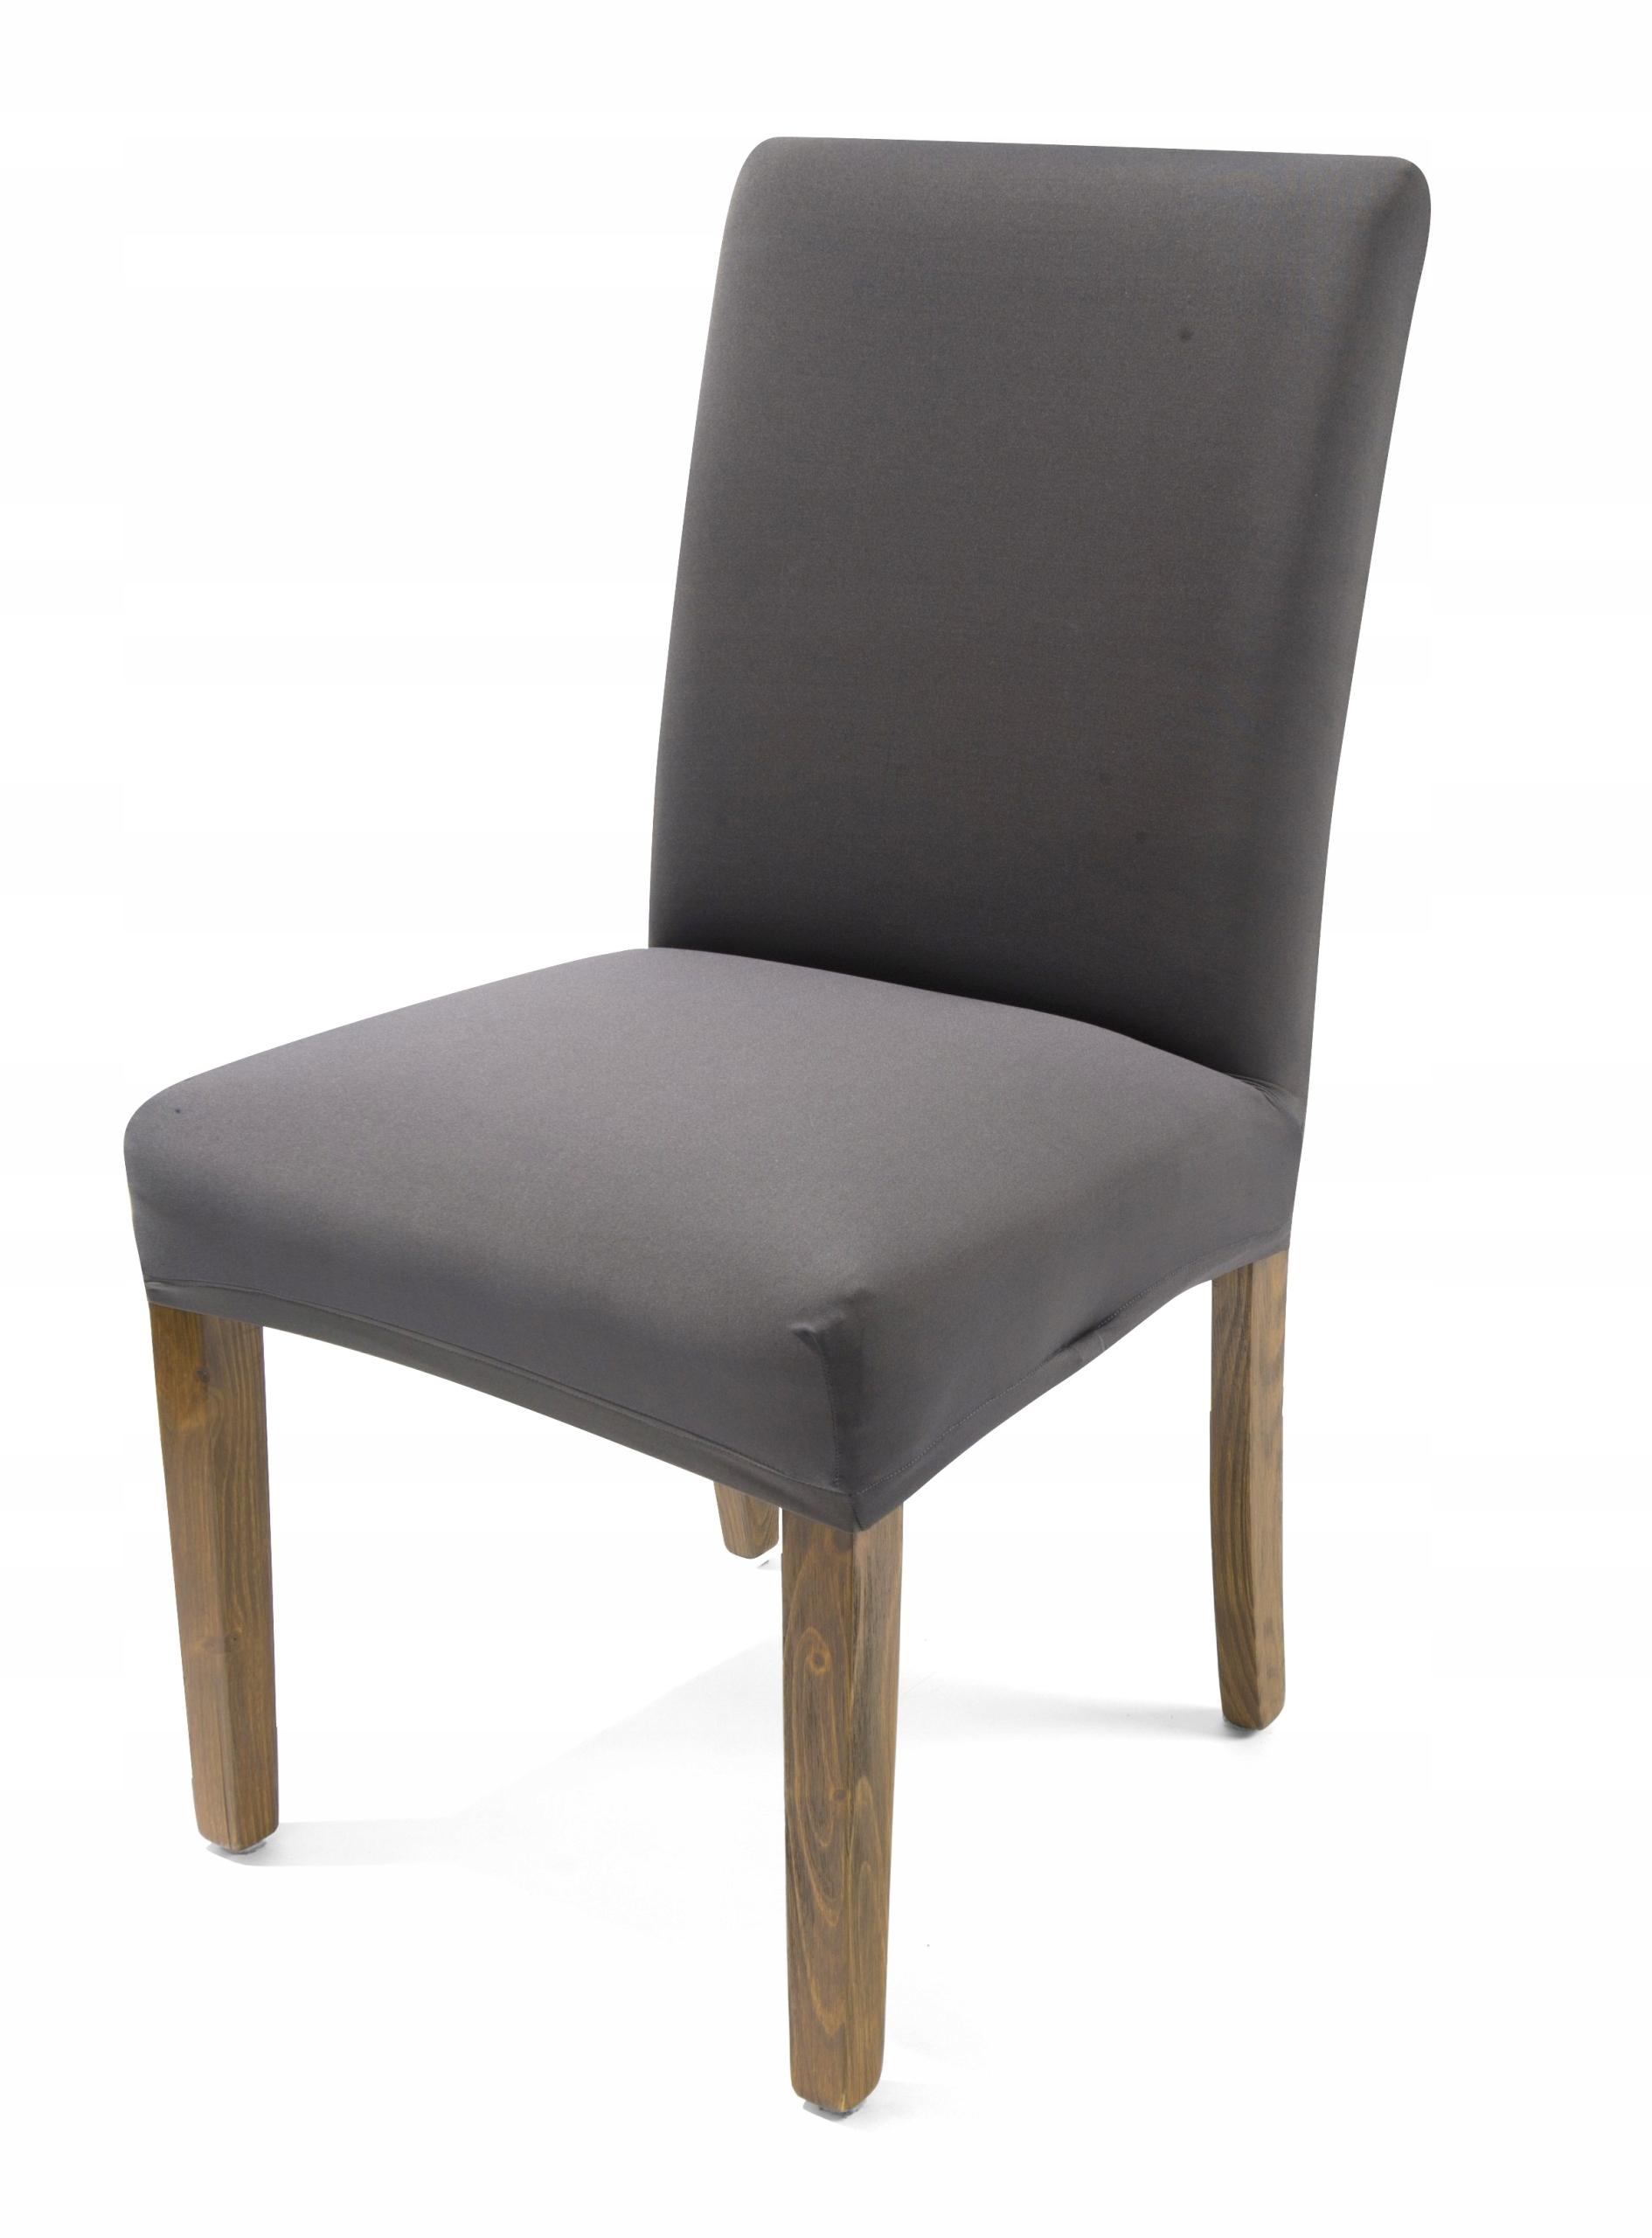 чехол на стул гибкий спандекс серый седой